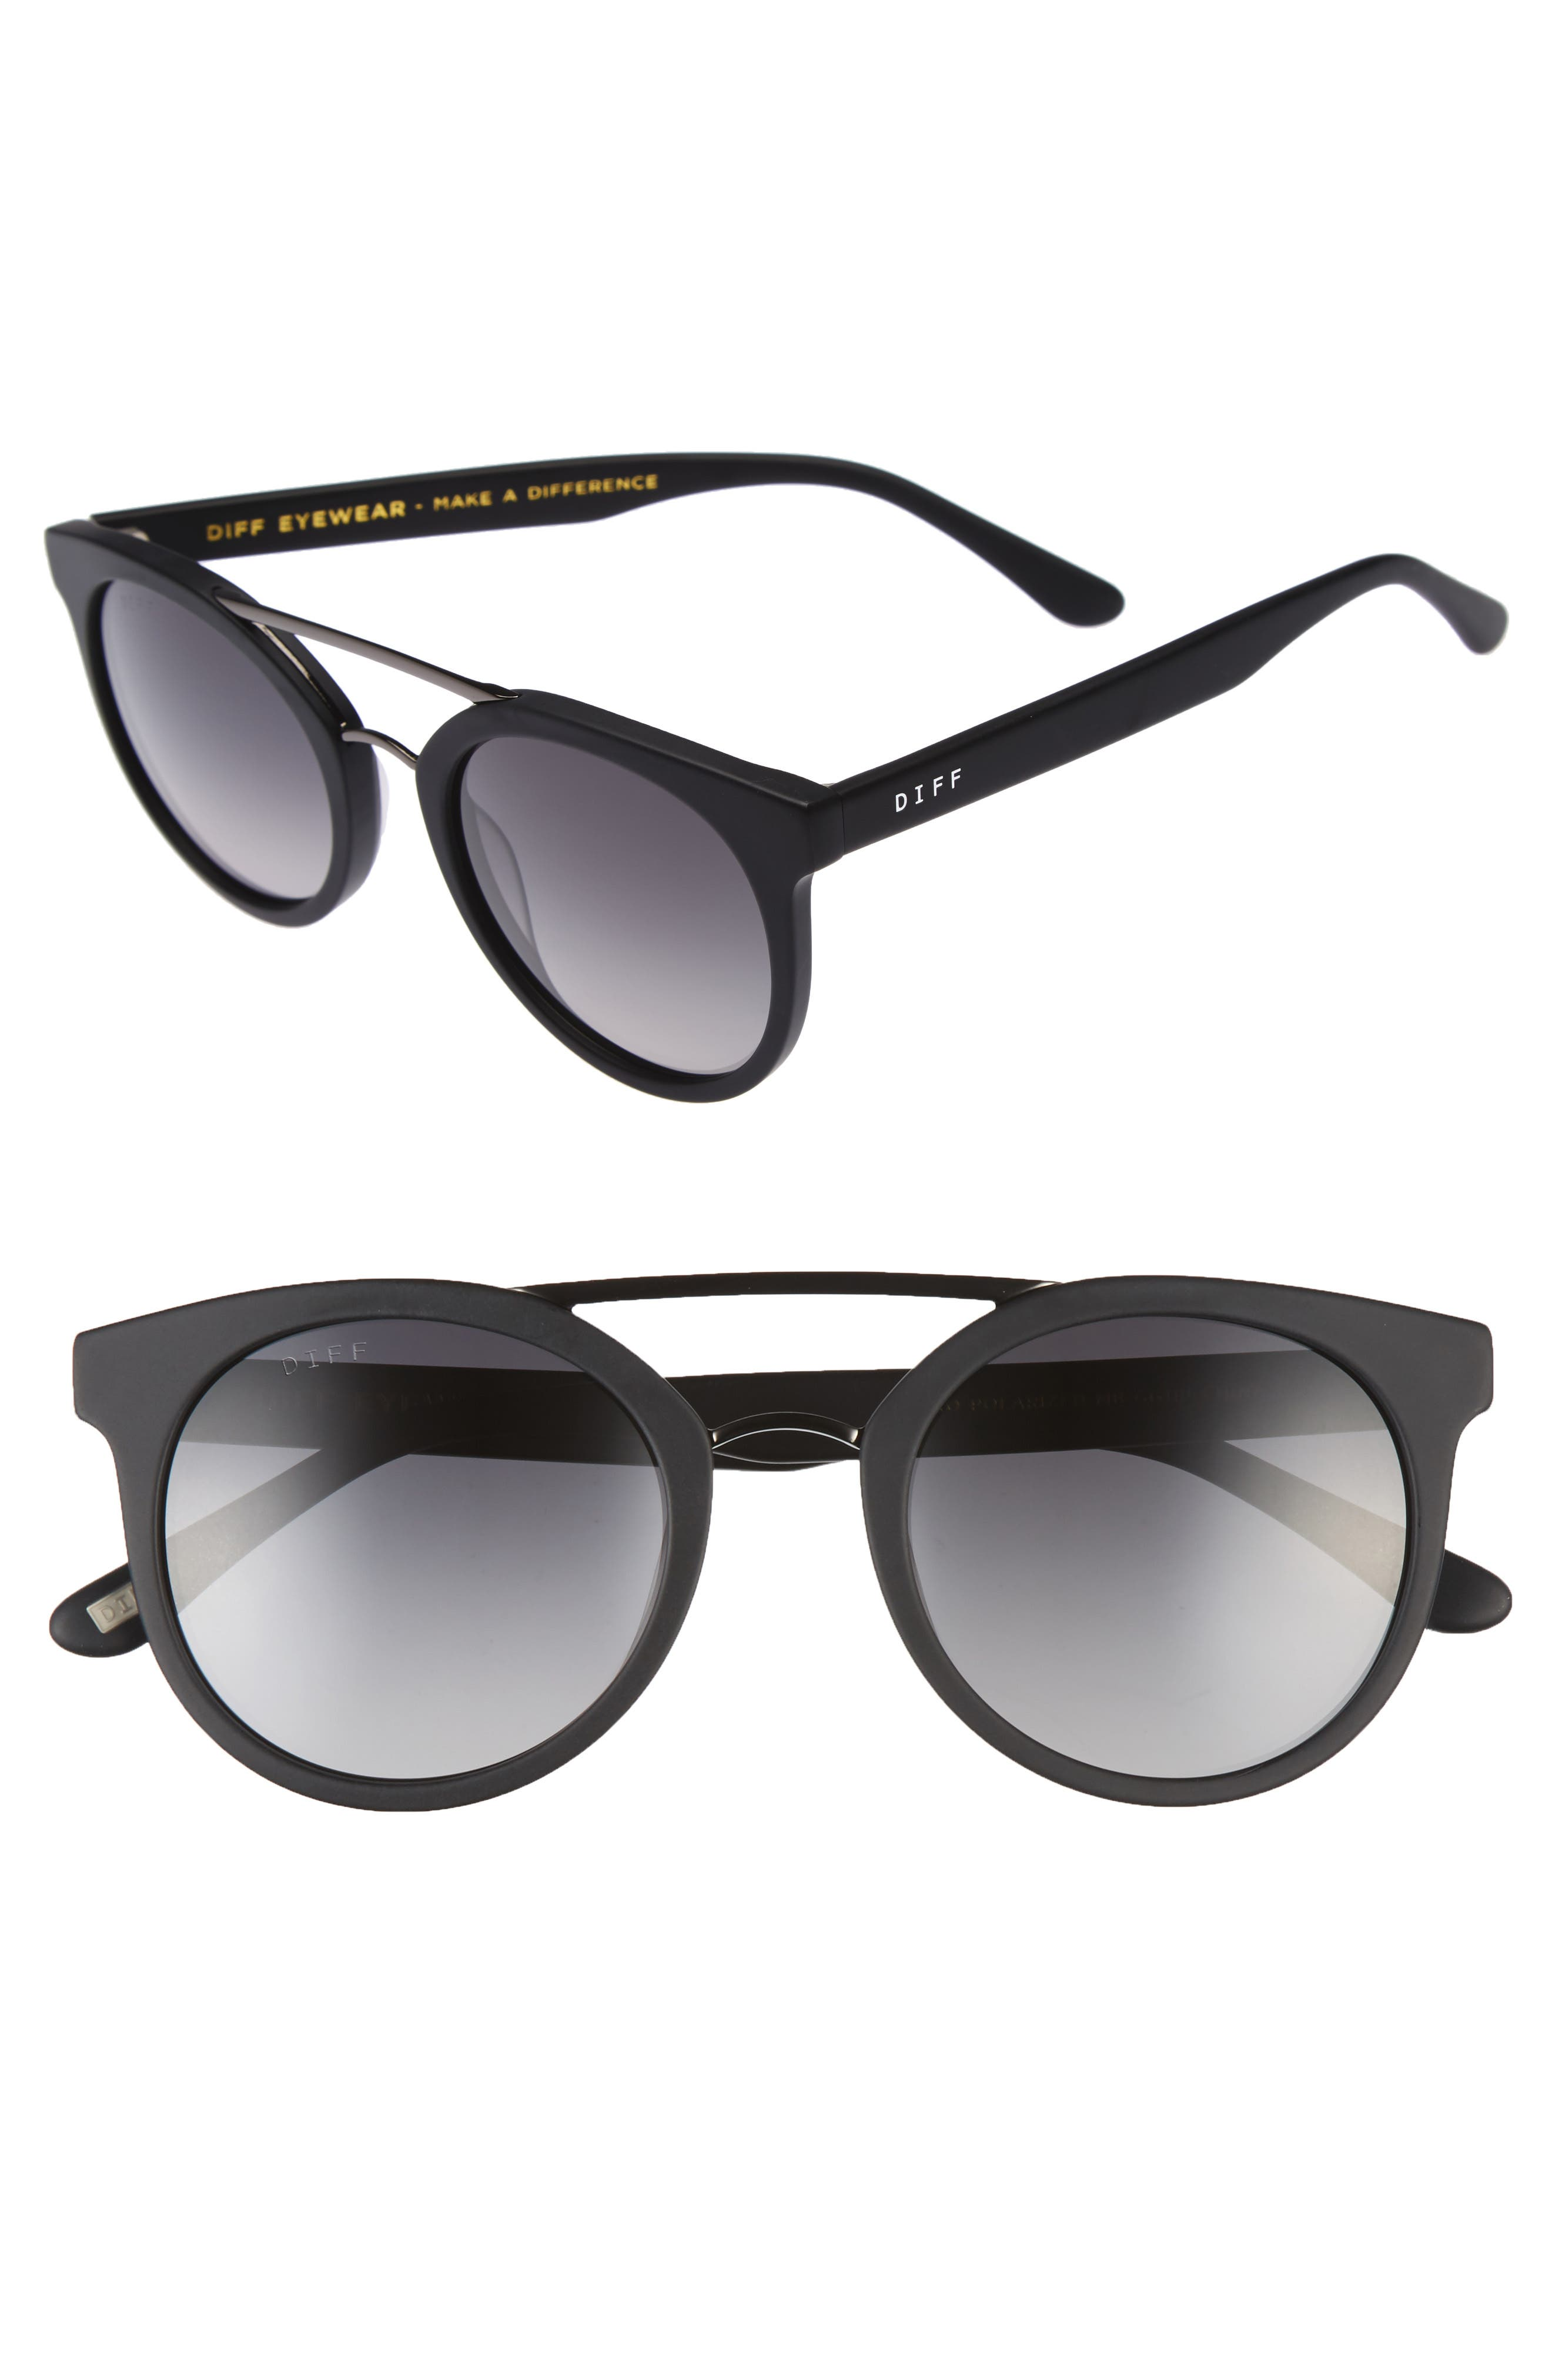 DIFF Astro 49mm Polarized Aviator Sunglasses